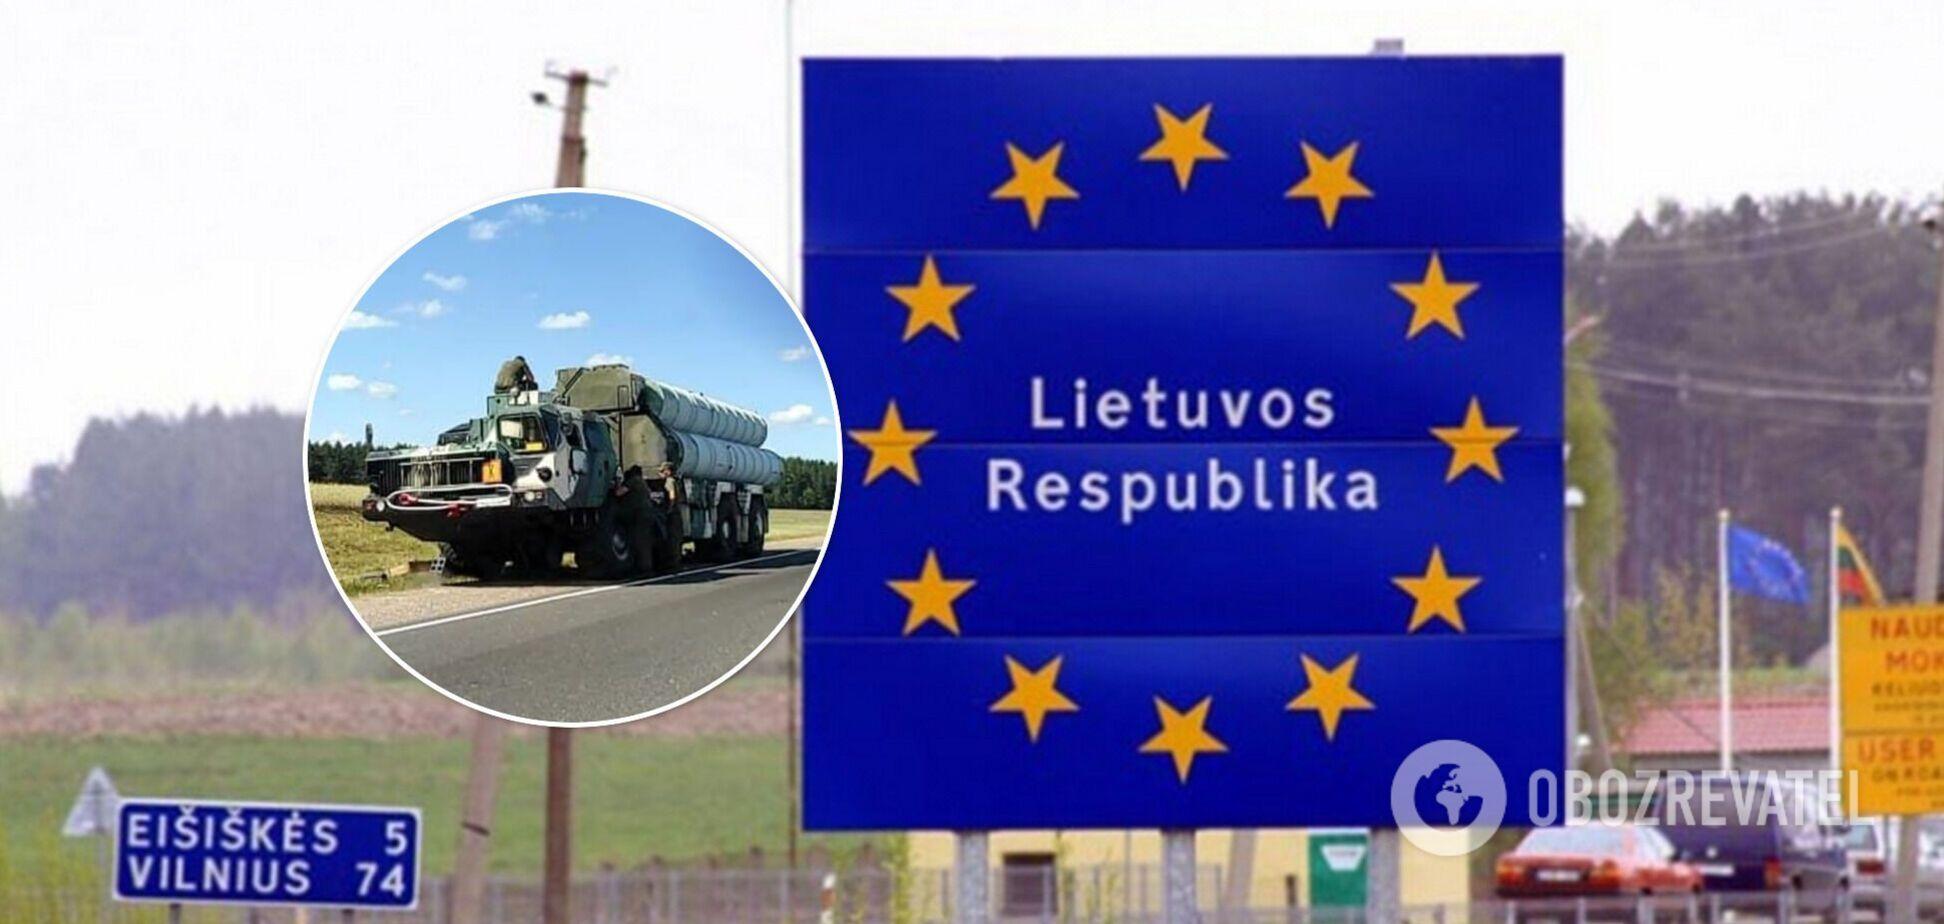 Очевидцы зафиксировали перемещение ЗРК в Беларуси вблизи границ с Польшей и Литвой. Фото и видео